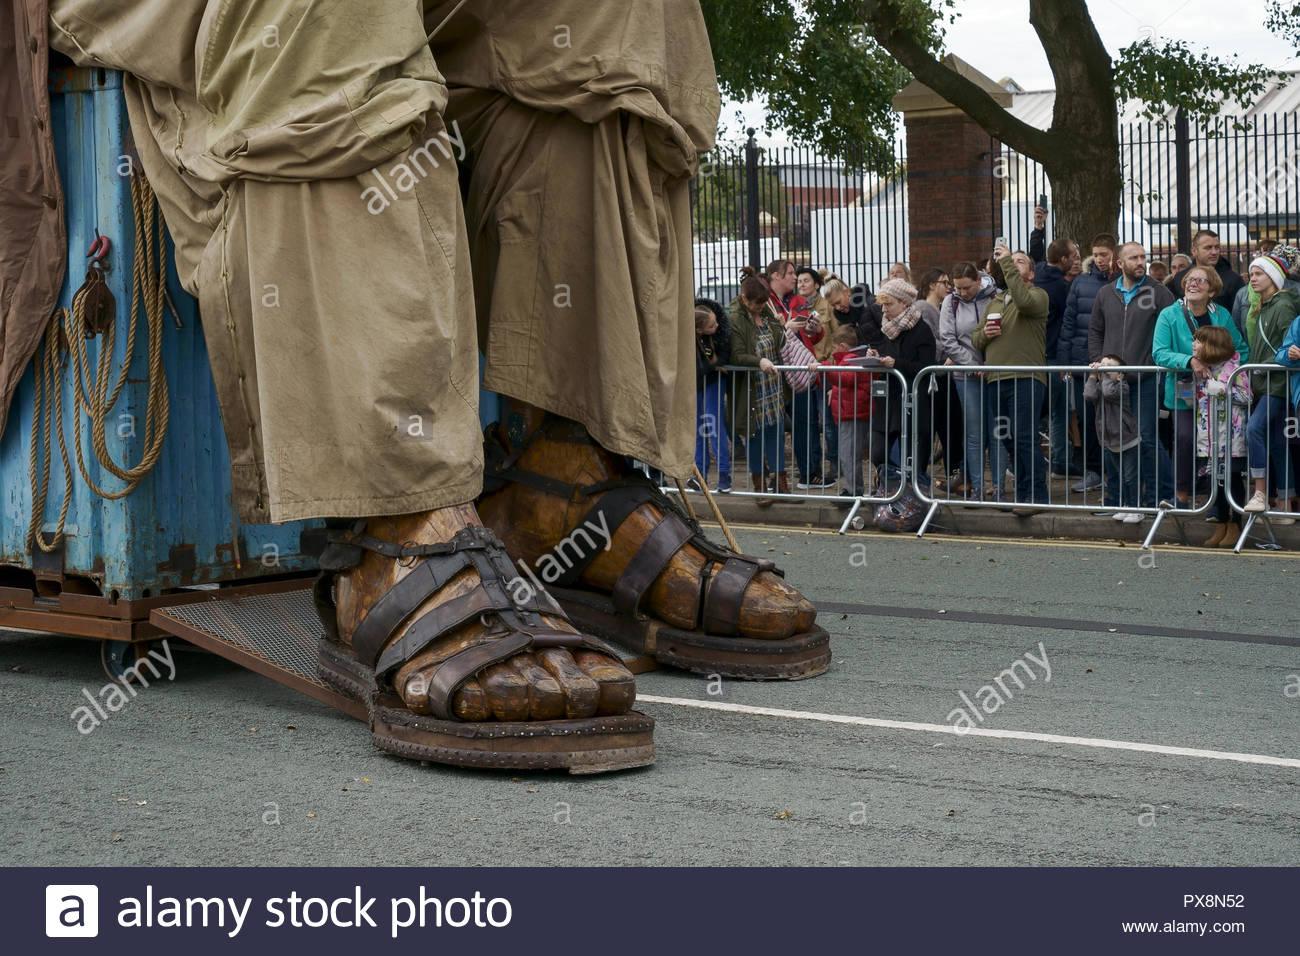 Los pies del gigante durante los gigantes espectacular desfile en el centro de la ciudad de Liverpool, Reino Unido Foto de stock